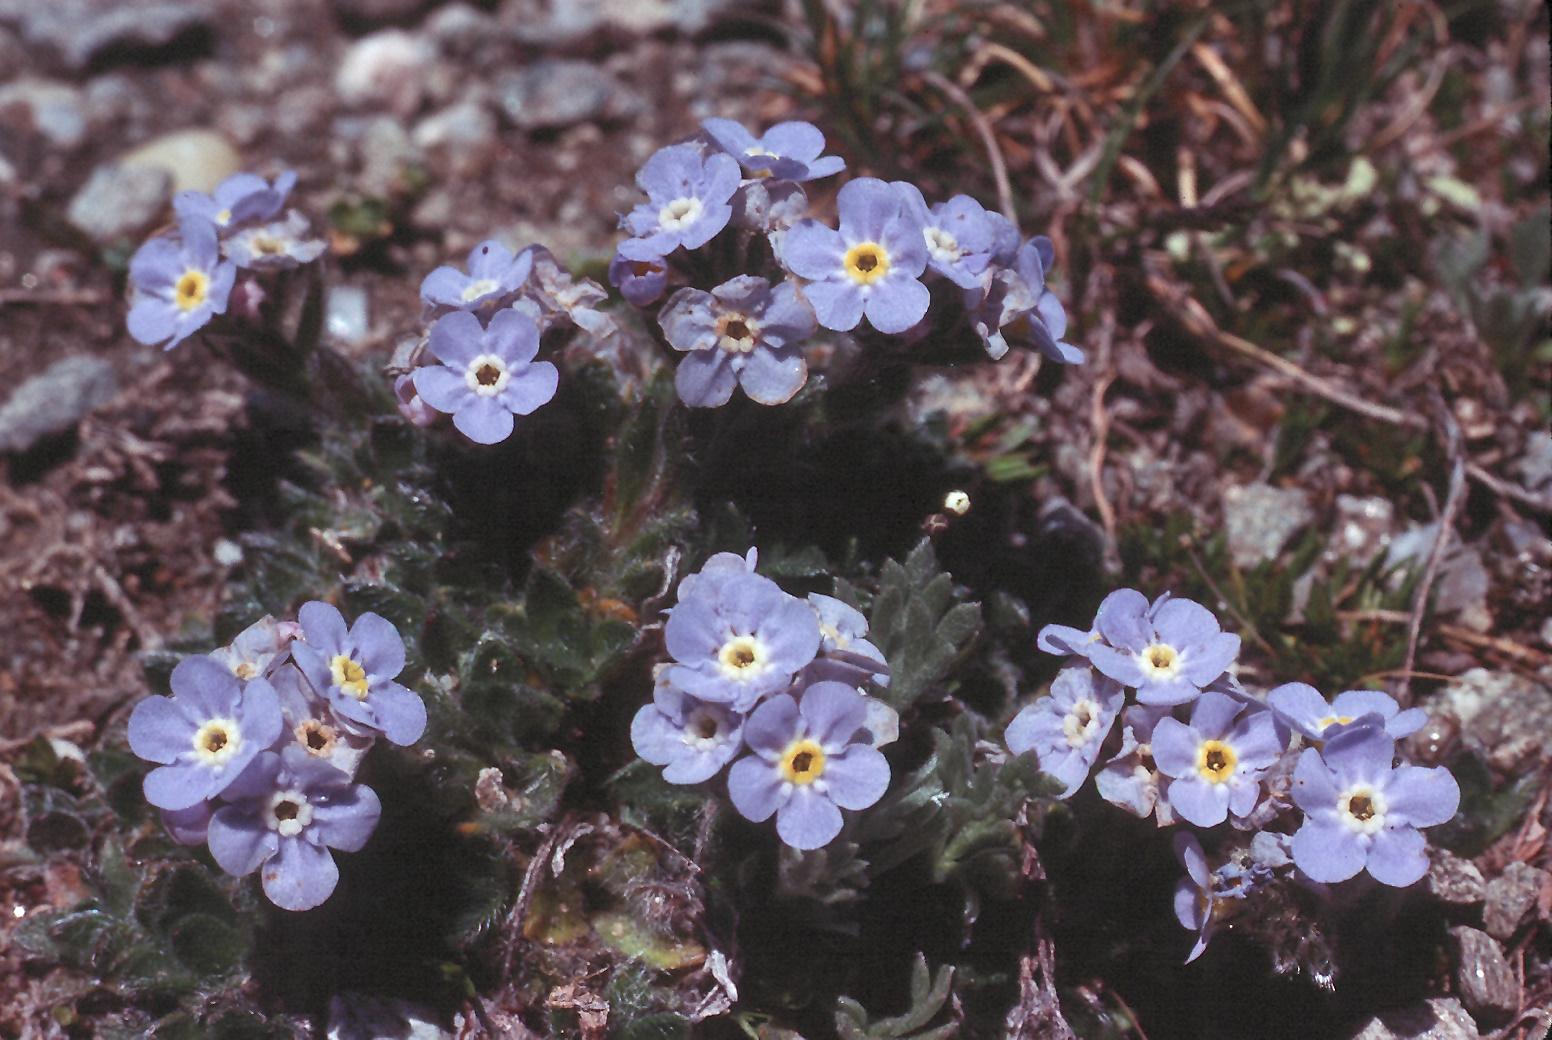 Eritrichium nanum ssp. jankae